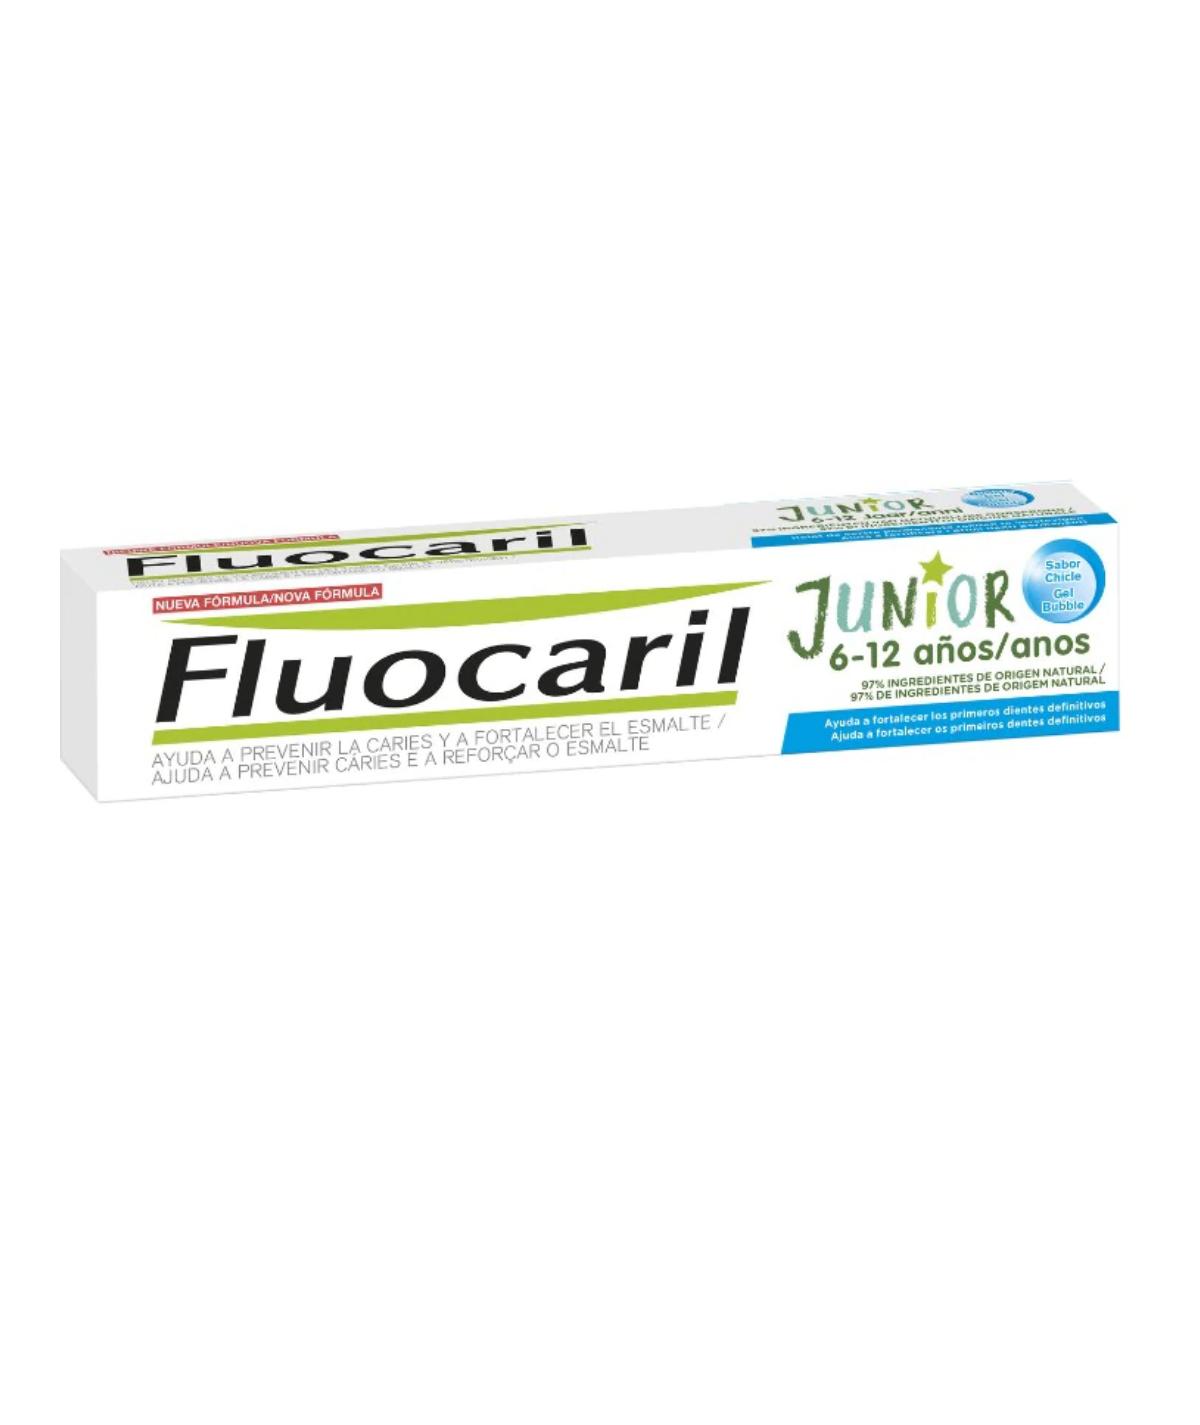 Fluorcaril Junior 7-12 Años Gel 50ml Bubble